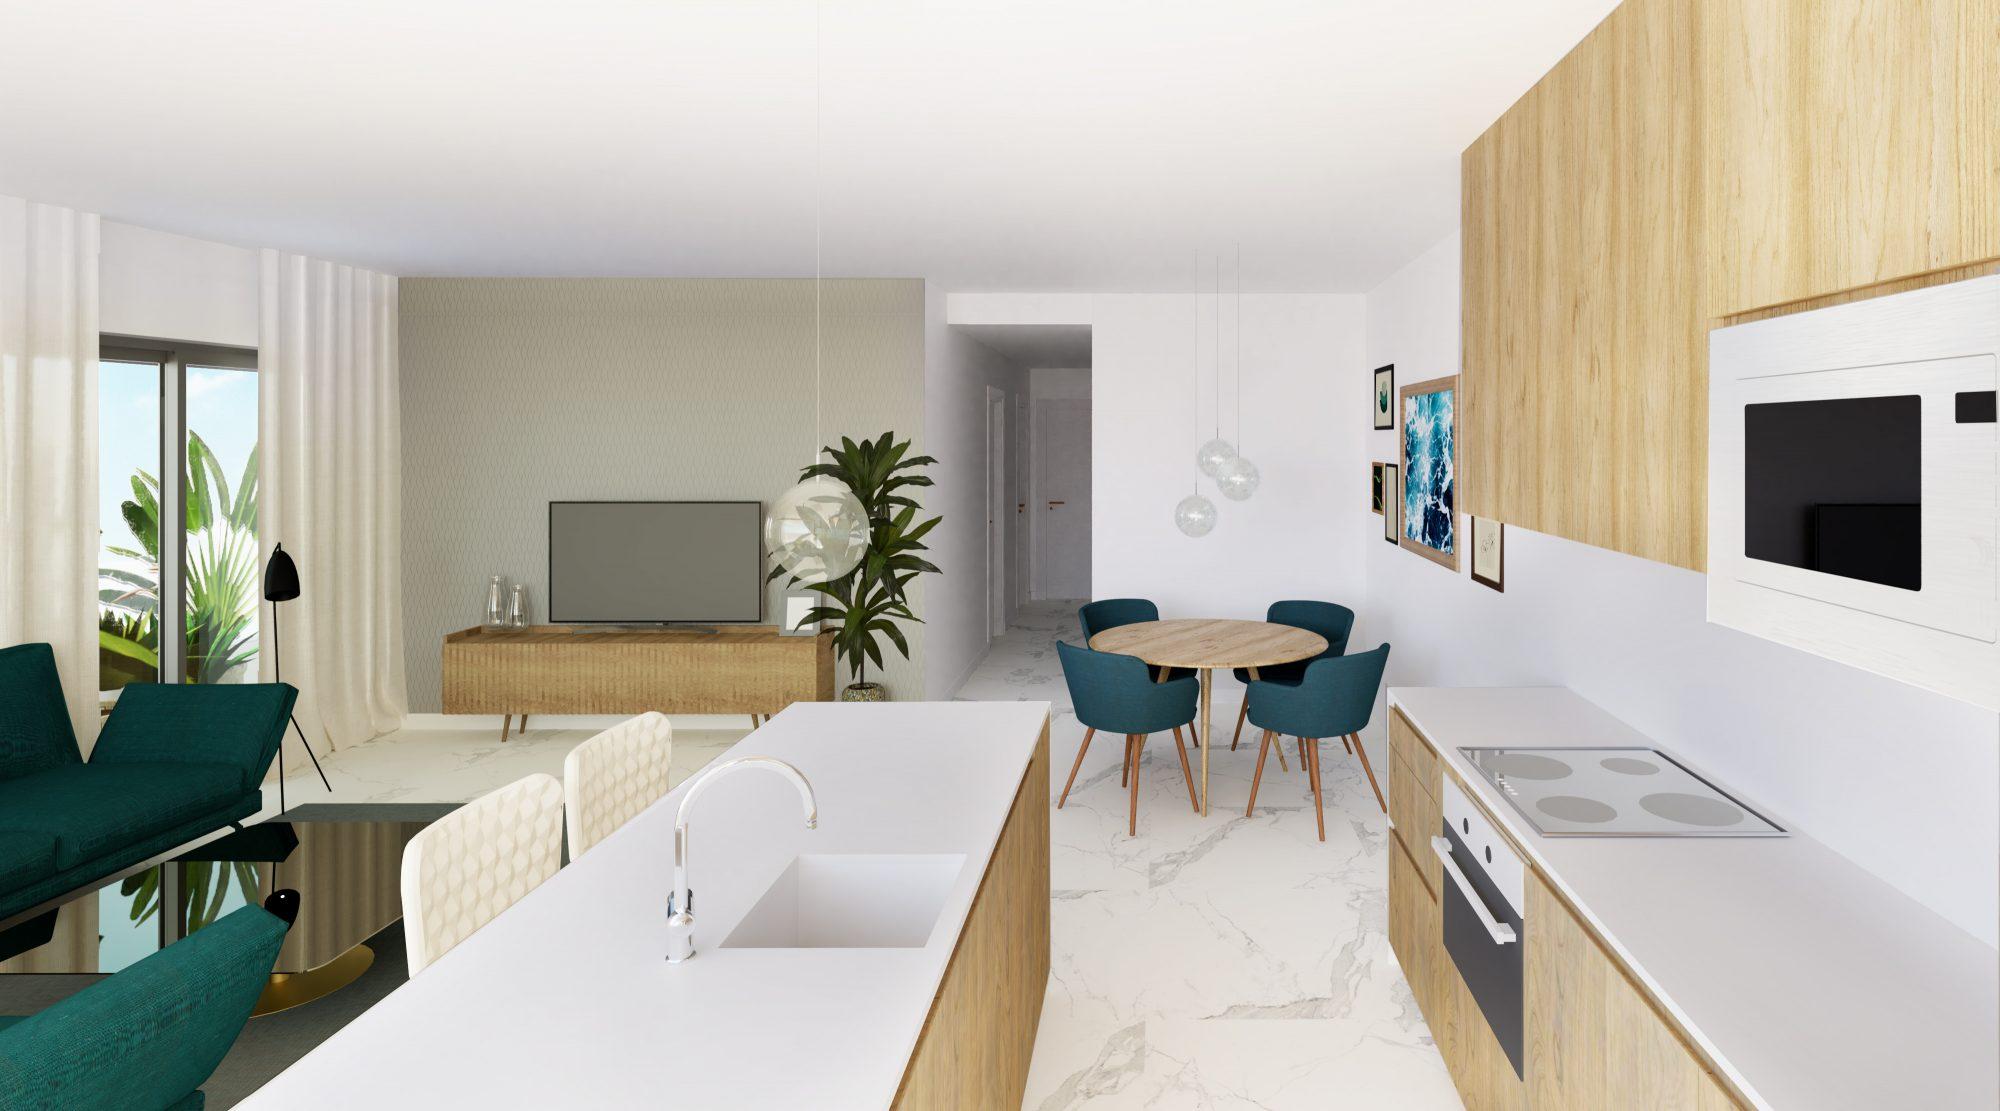 4 pièces Appartement   102 m²